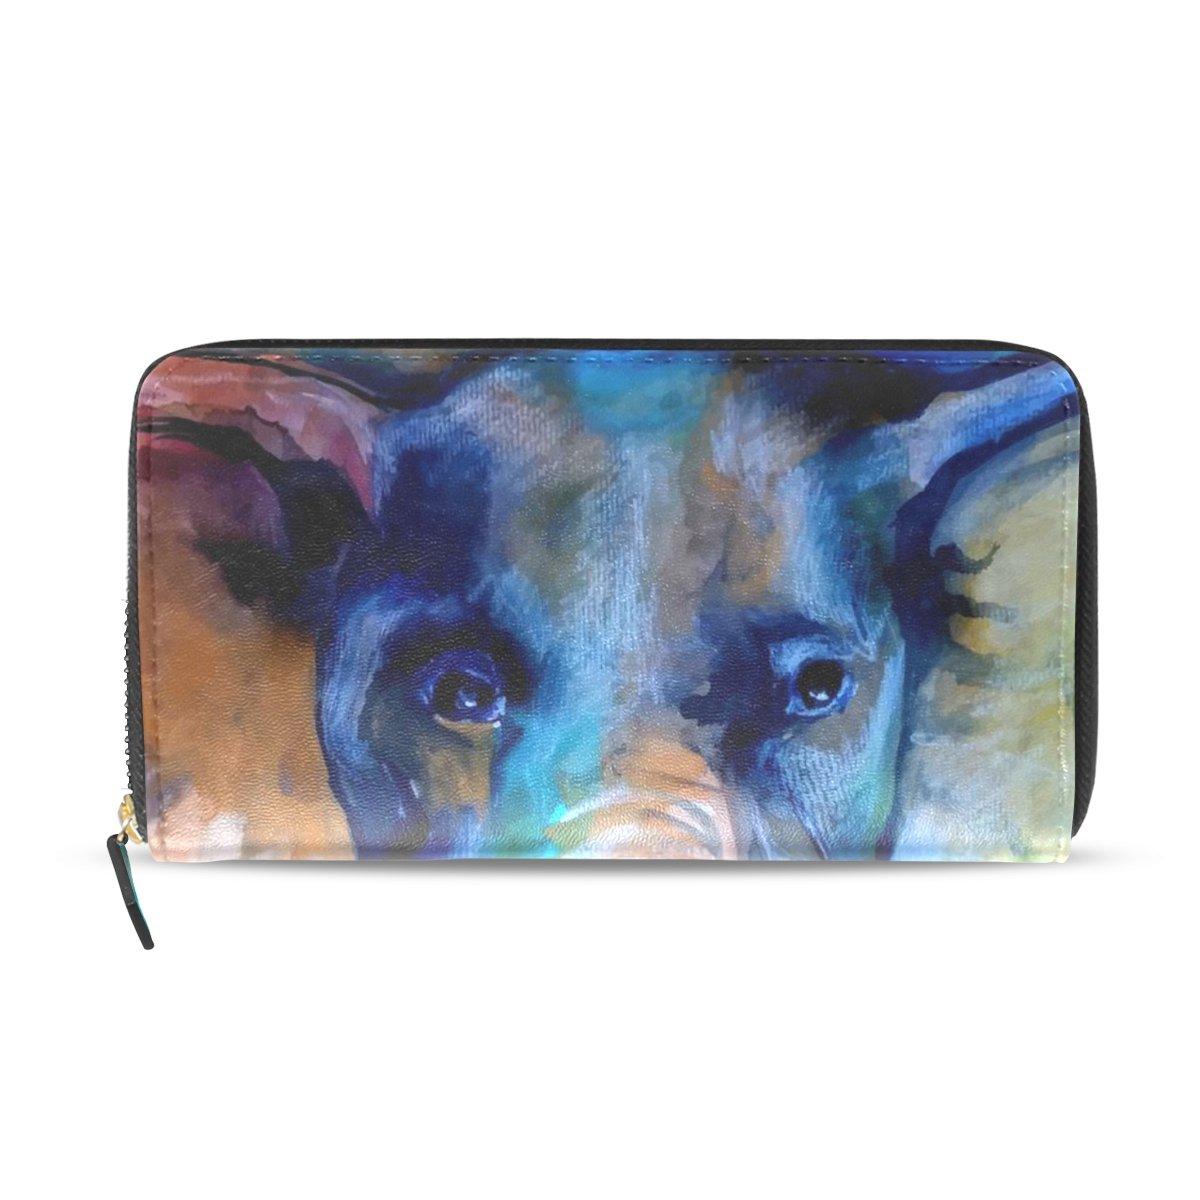 ユーモラス恐ろしいです飼いならすWomens Watercolor象パターン長財布&財布ケースカードホルダー